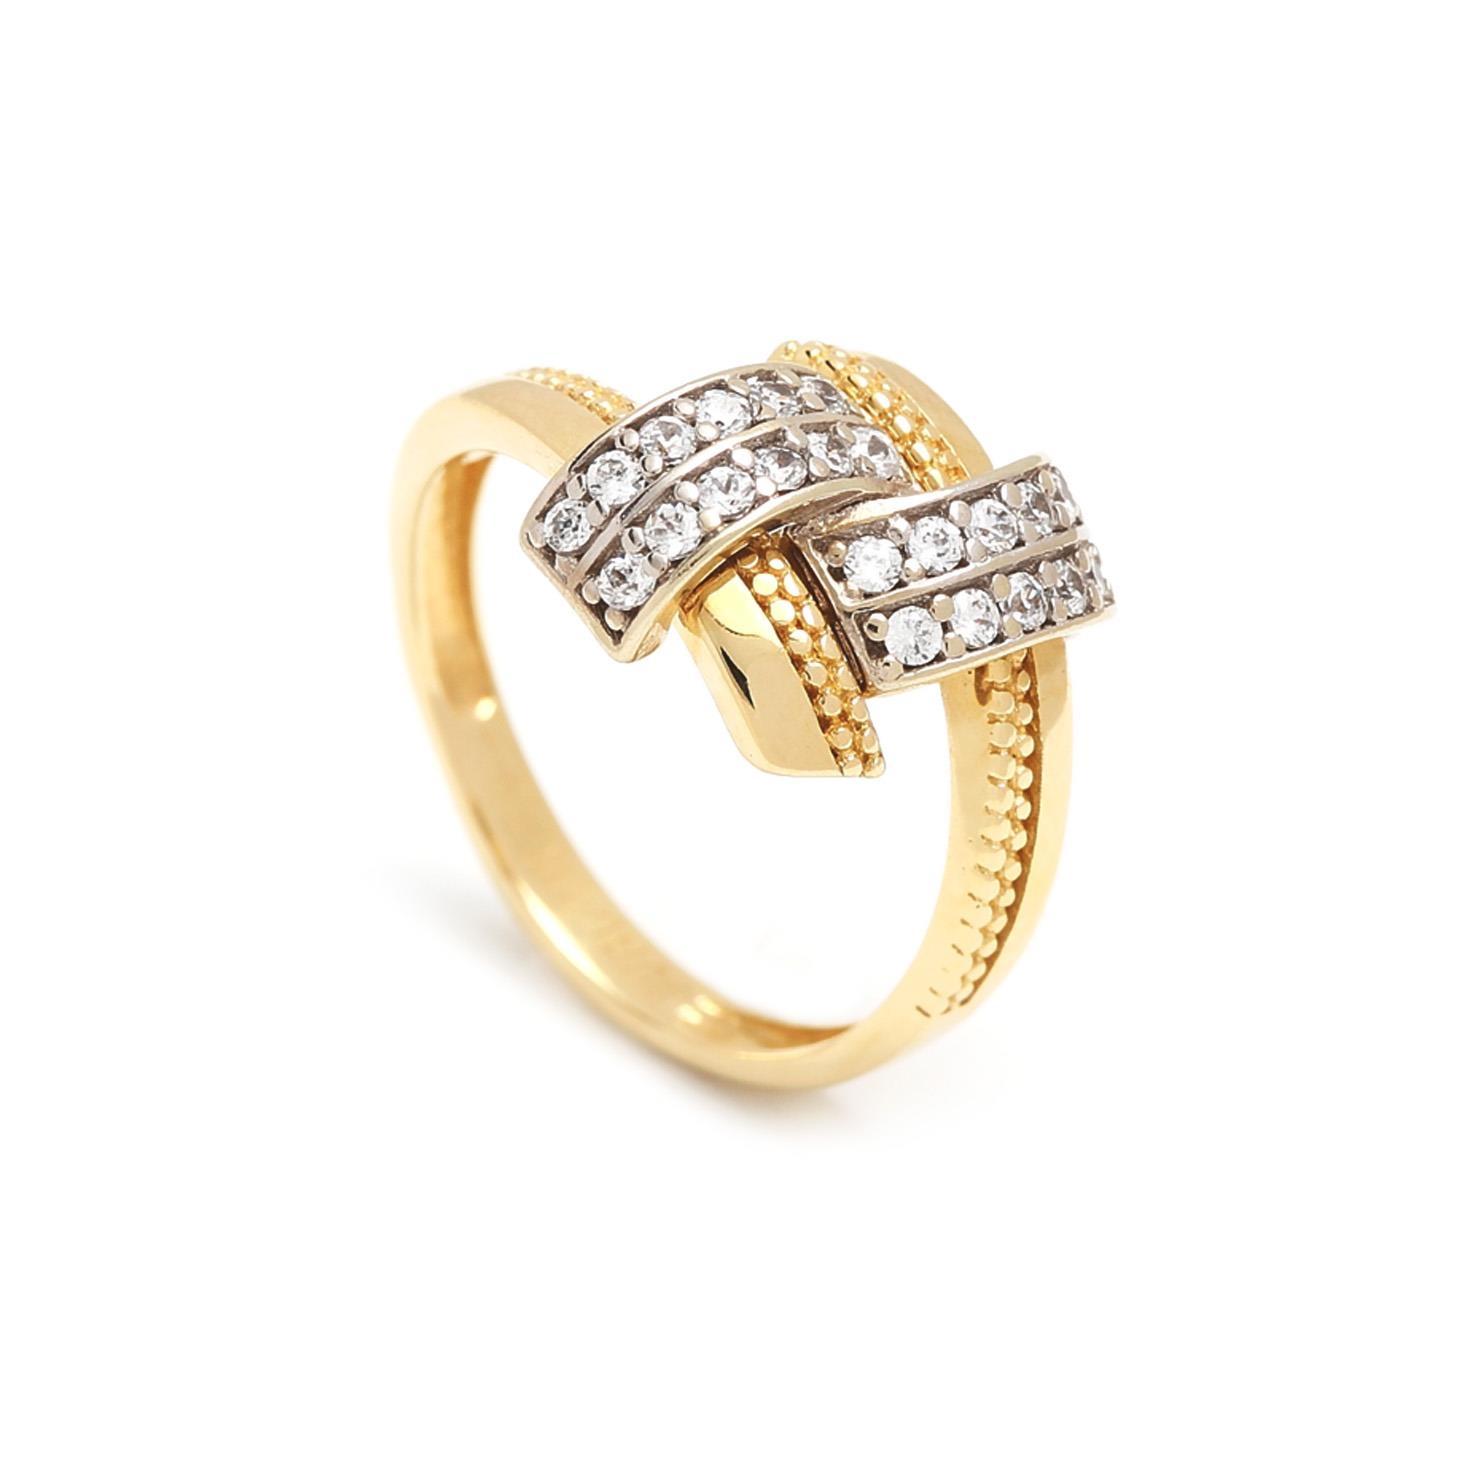 Zlatý dámsky prsteň DONATELLA 1PK00014